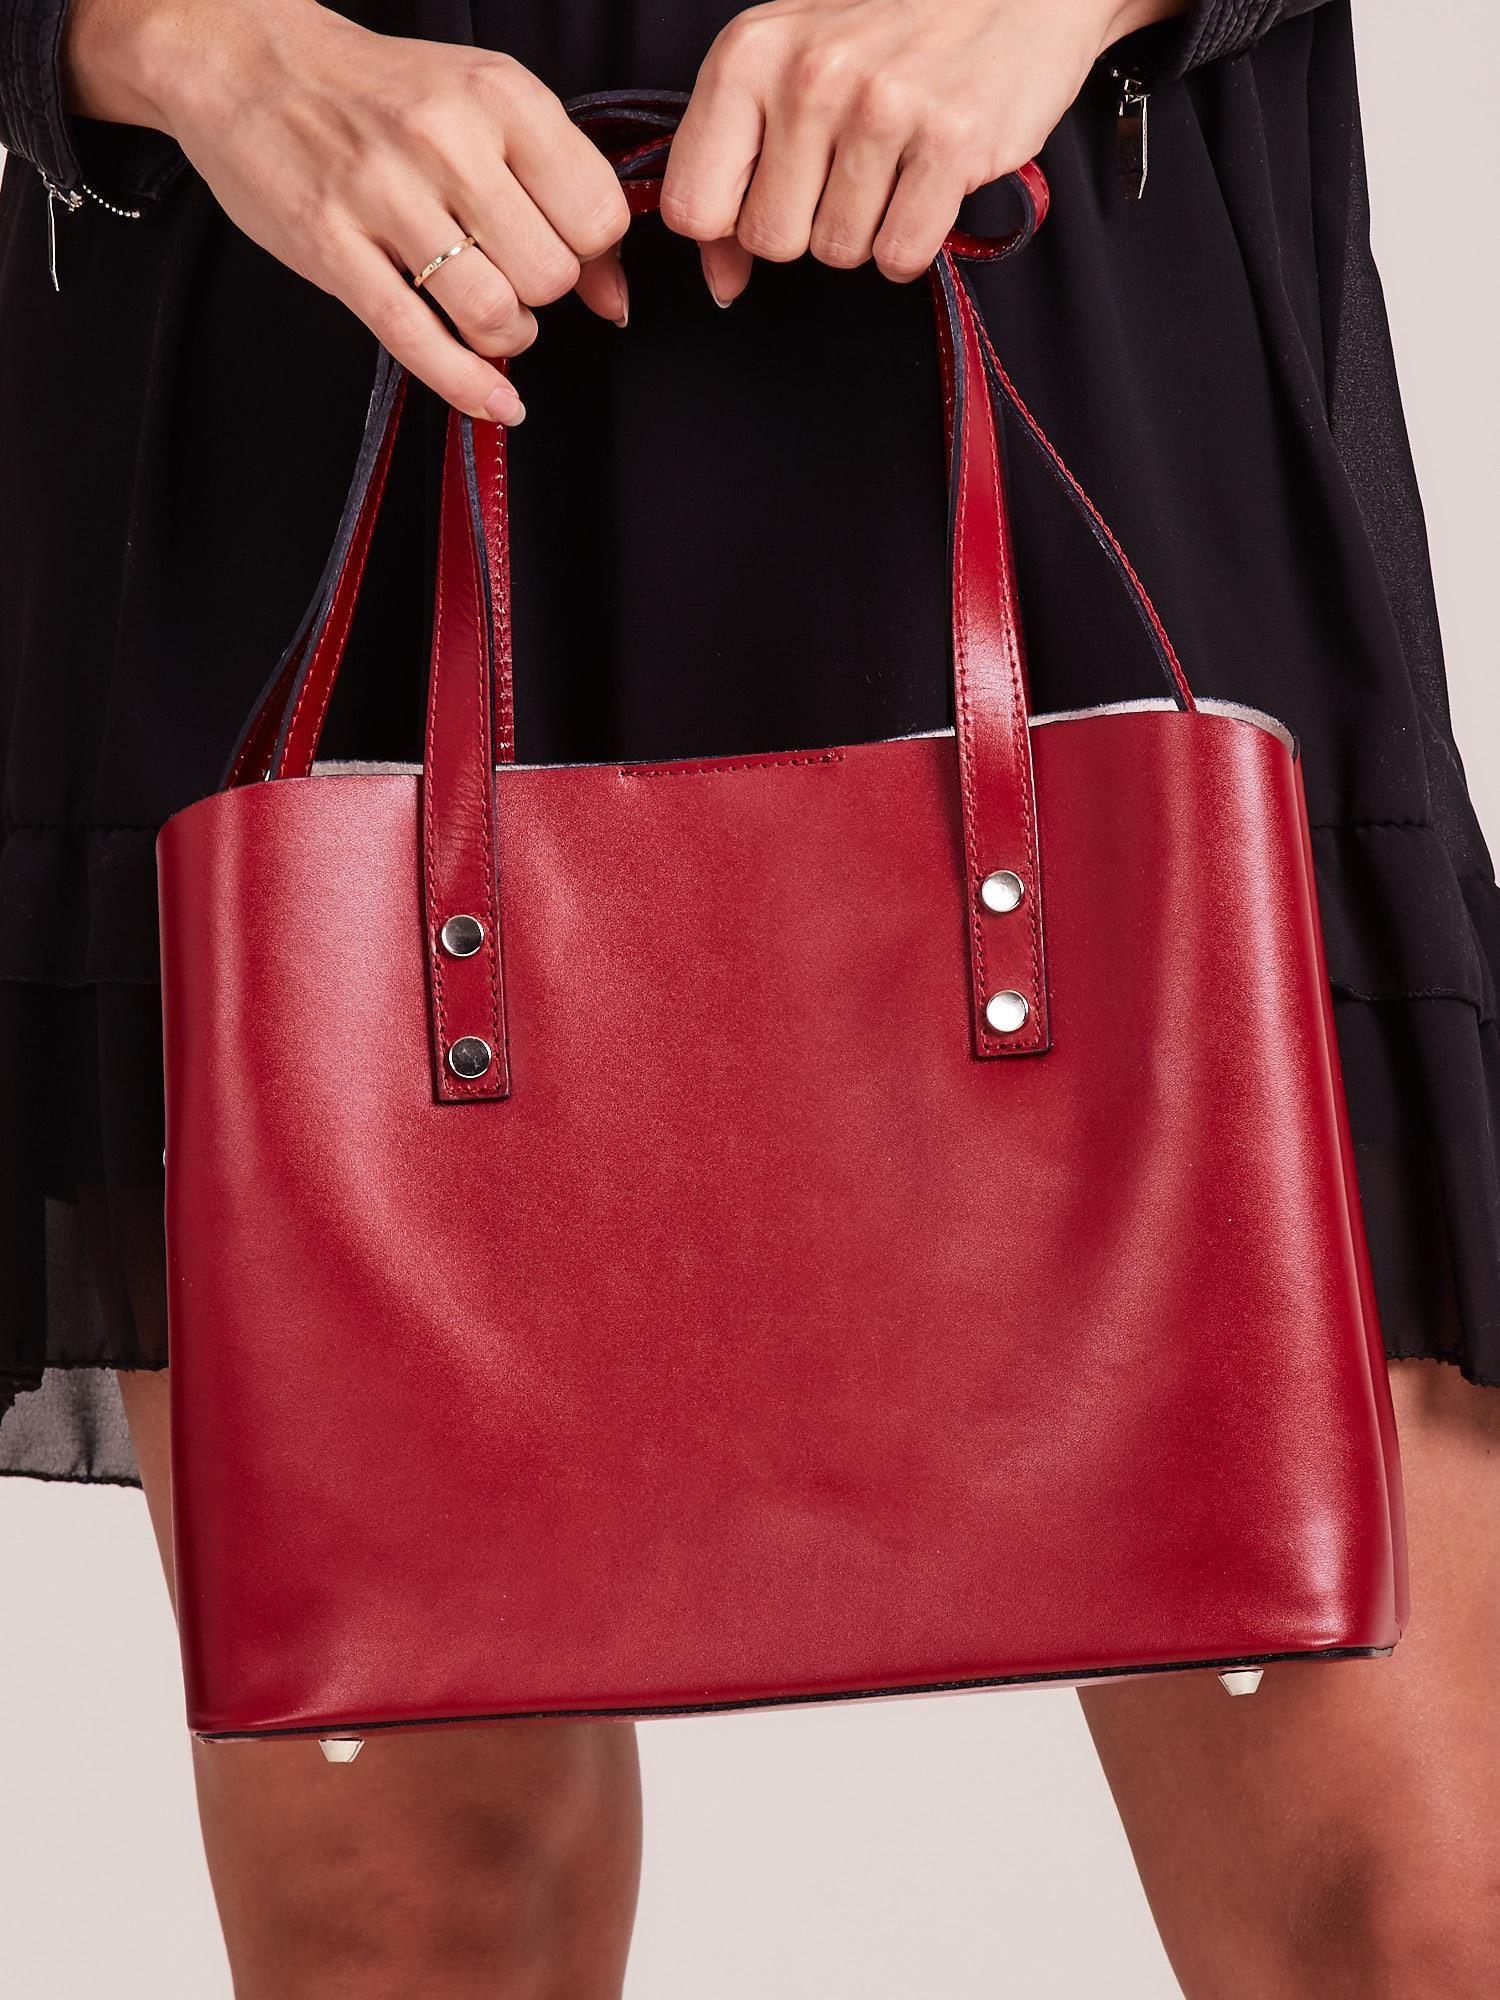 Červená elegantní kožená kabelka ONE SIZE